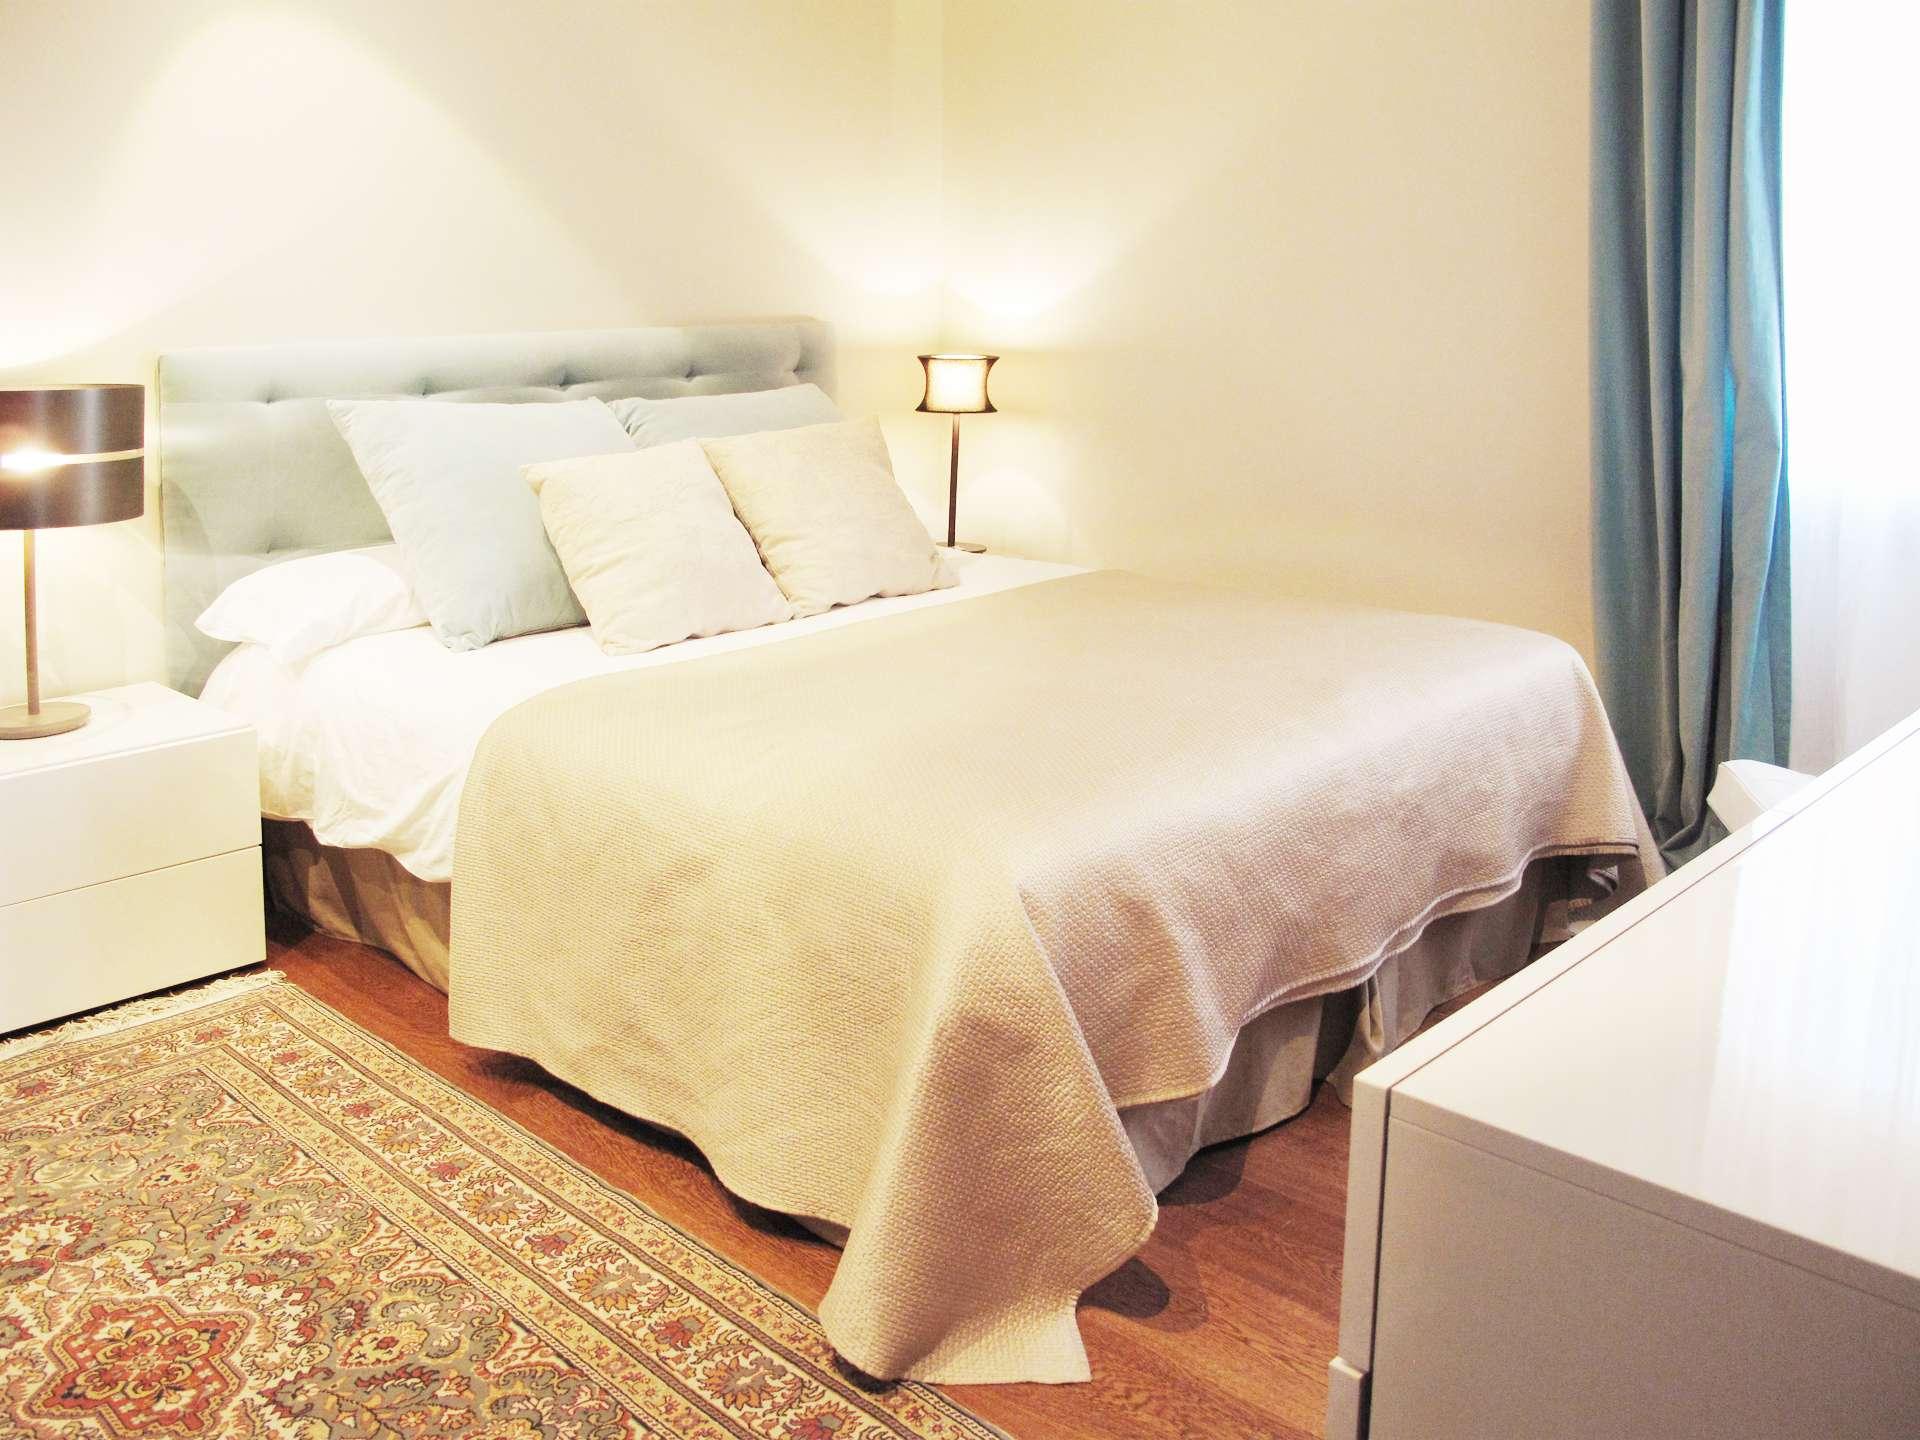 Квартира в аренду на Рамбла де Каталония